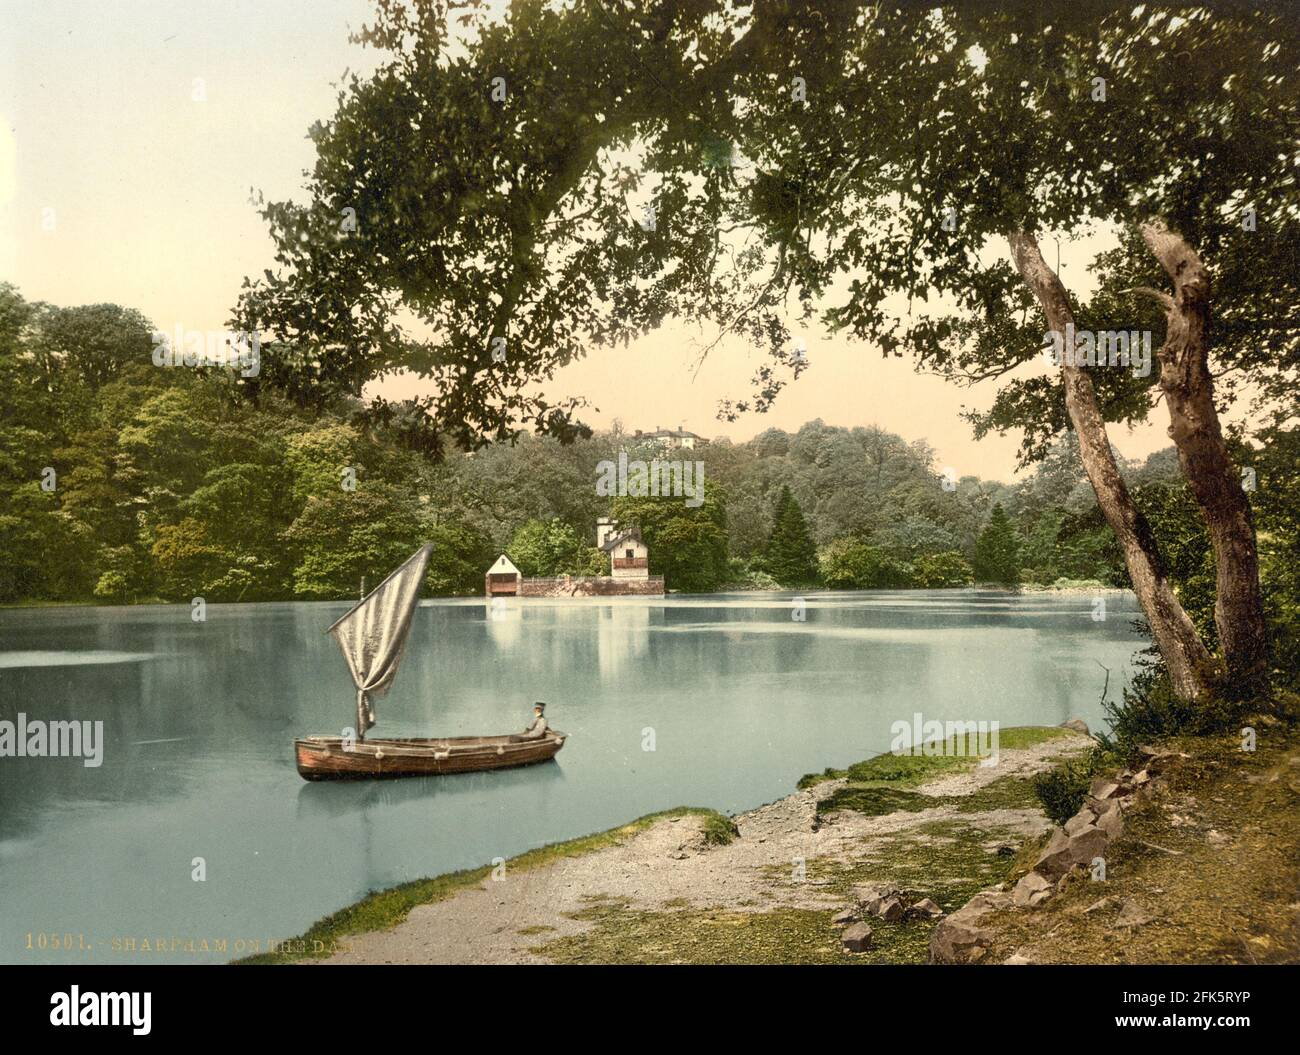 Sharpham sur la rivière Dart à Devon vers 1890-1900 Banque D'Images